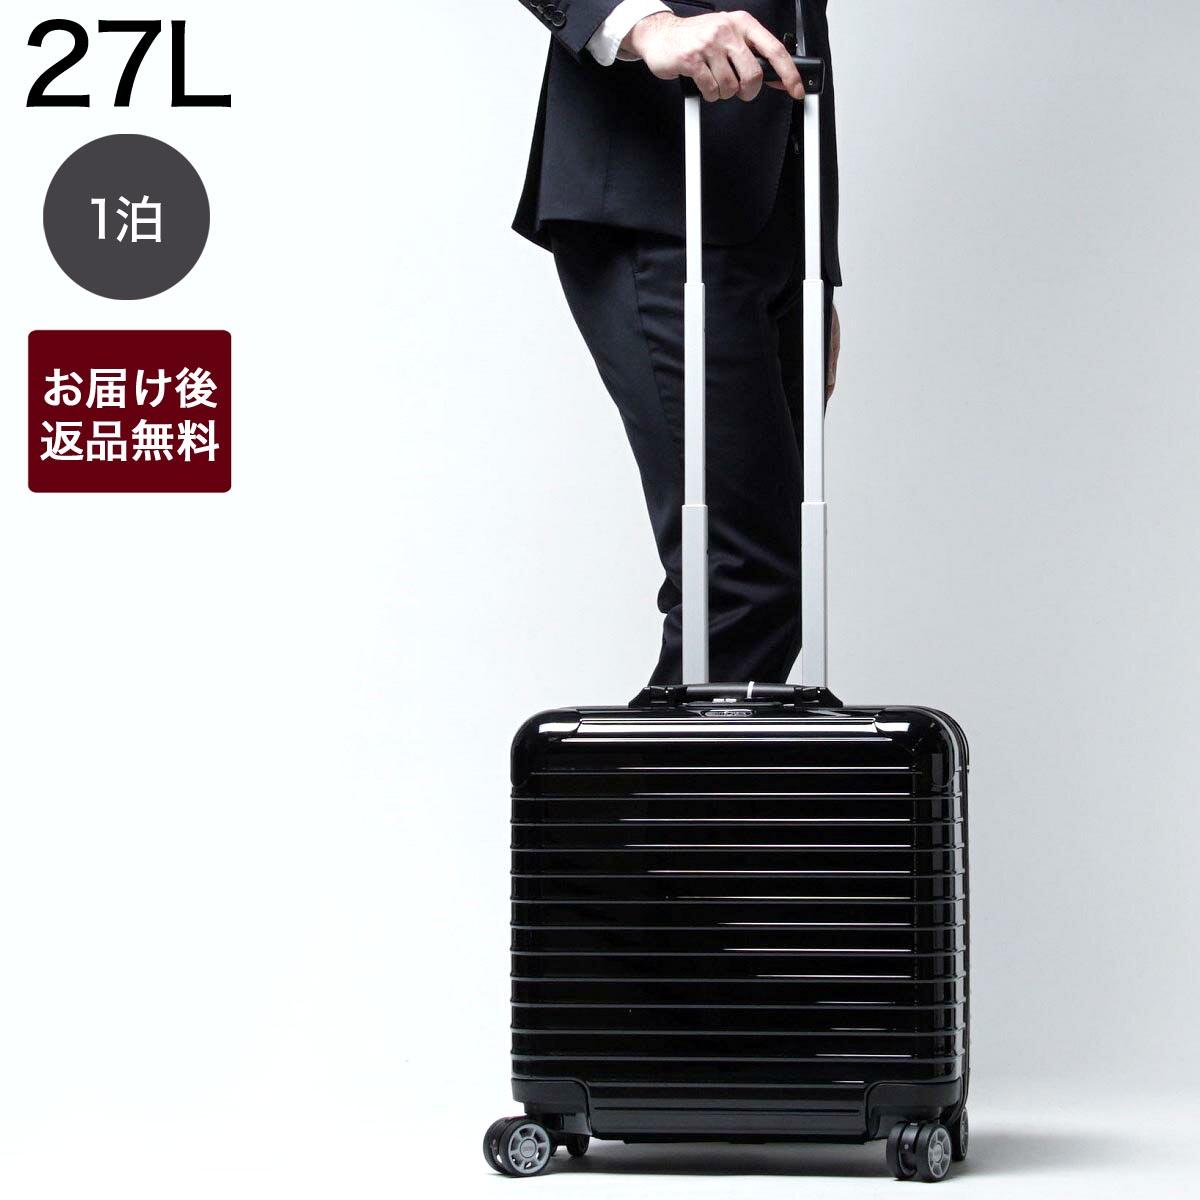 リモワ RIMOWA スーツケース キャリーケース ブラック メンズ レディース 旅行 トラベル 出張 デザイン 830.40.50.4 SALSA DELUXUE BUSINESS 29L サルサデラックス【返品送料無料】【180817】